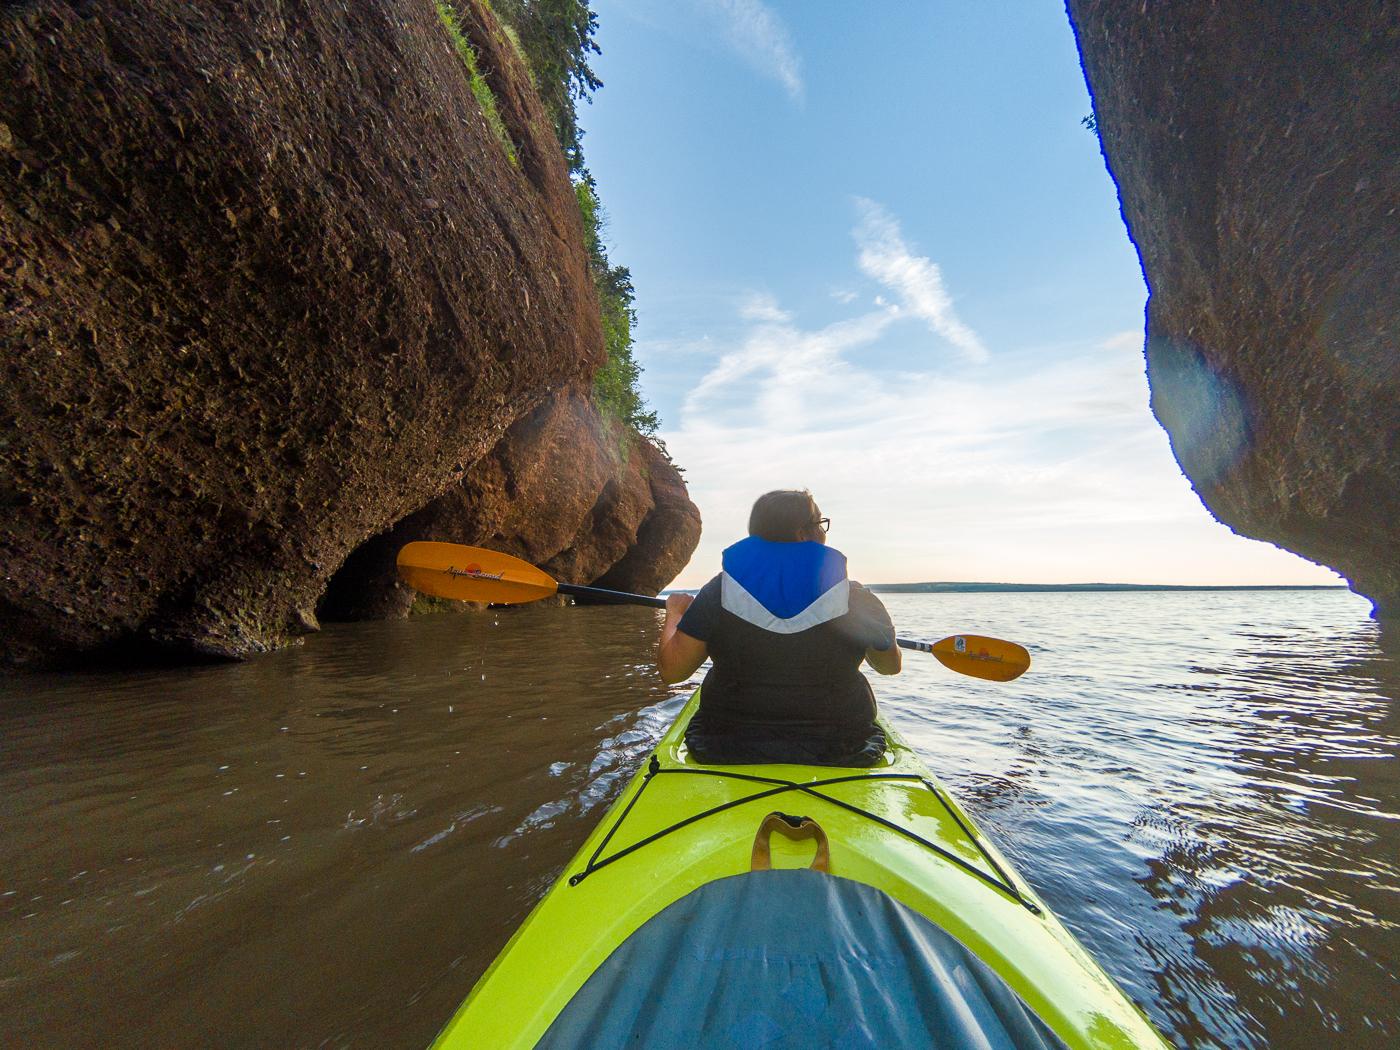 McGlobetrotteuse sur l'eau en kayak